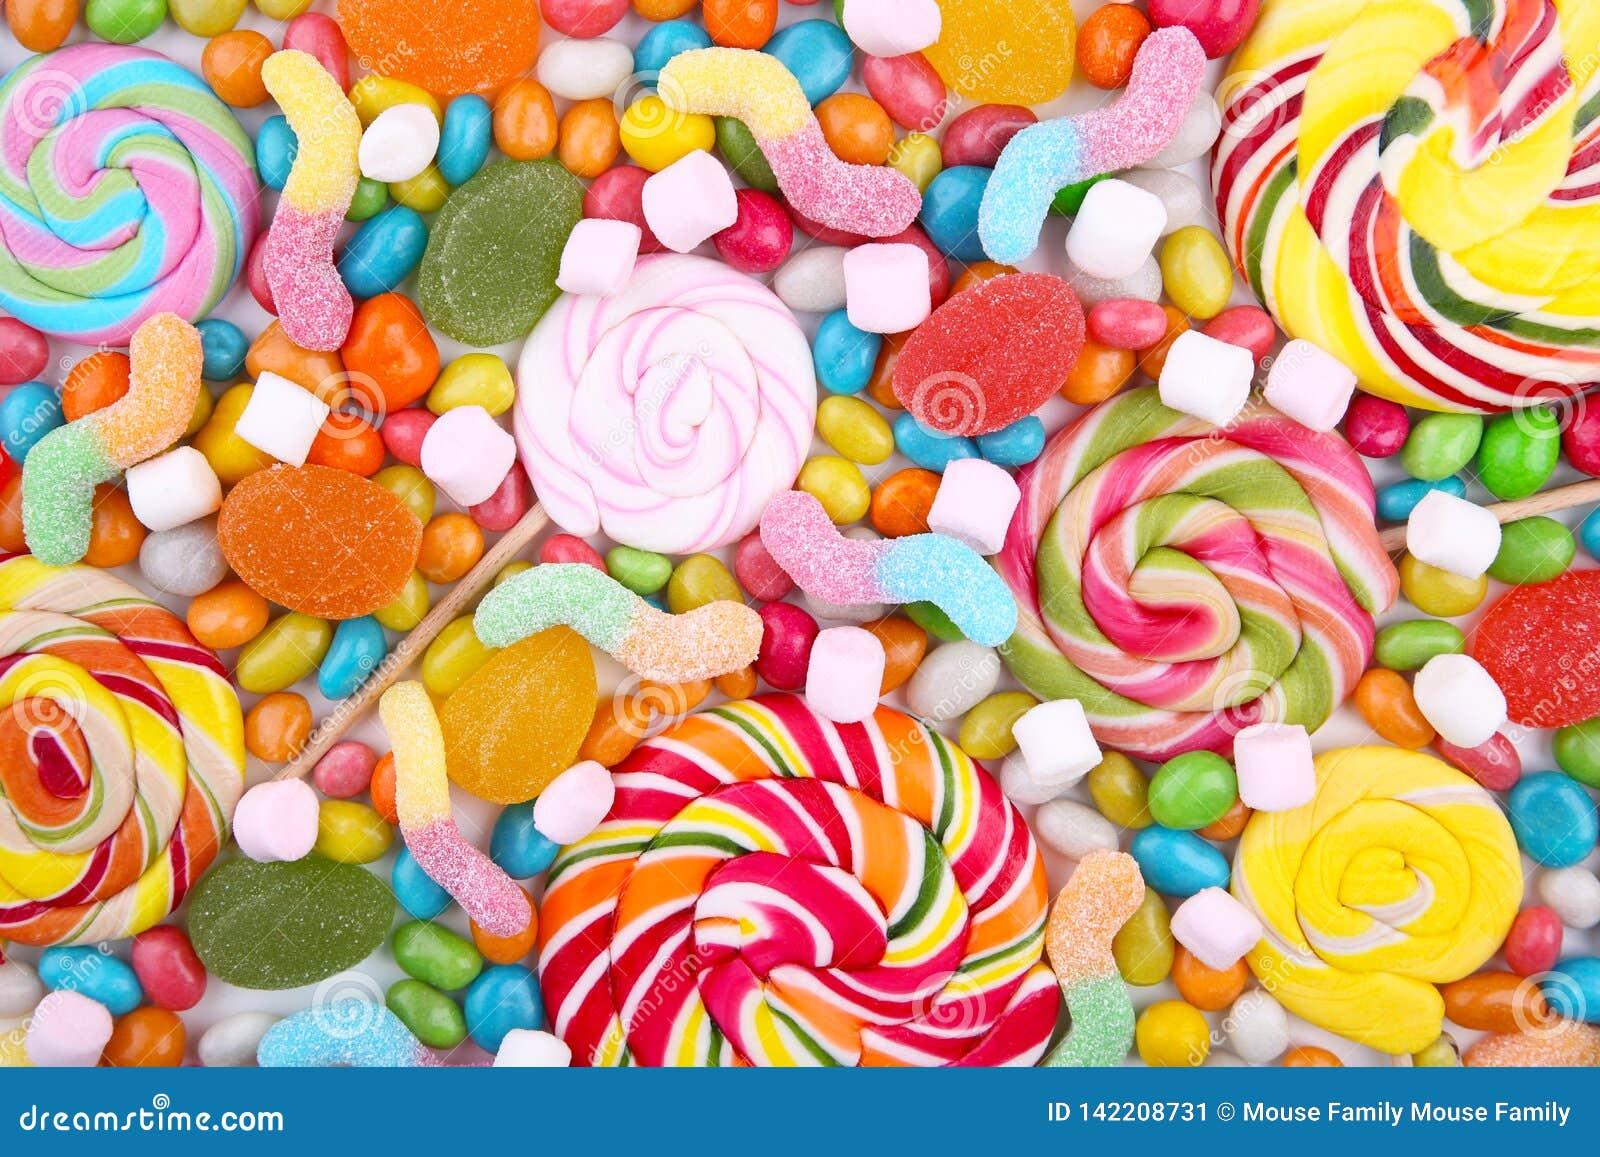 Mistura sortido de vários doces e geleias